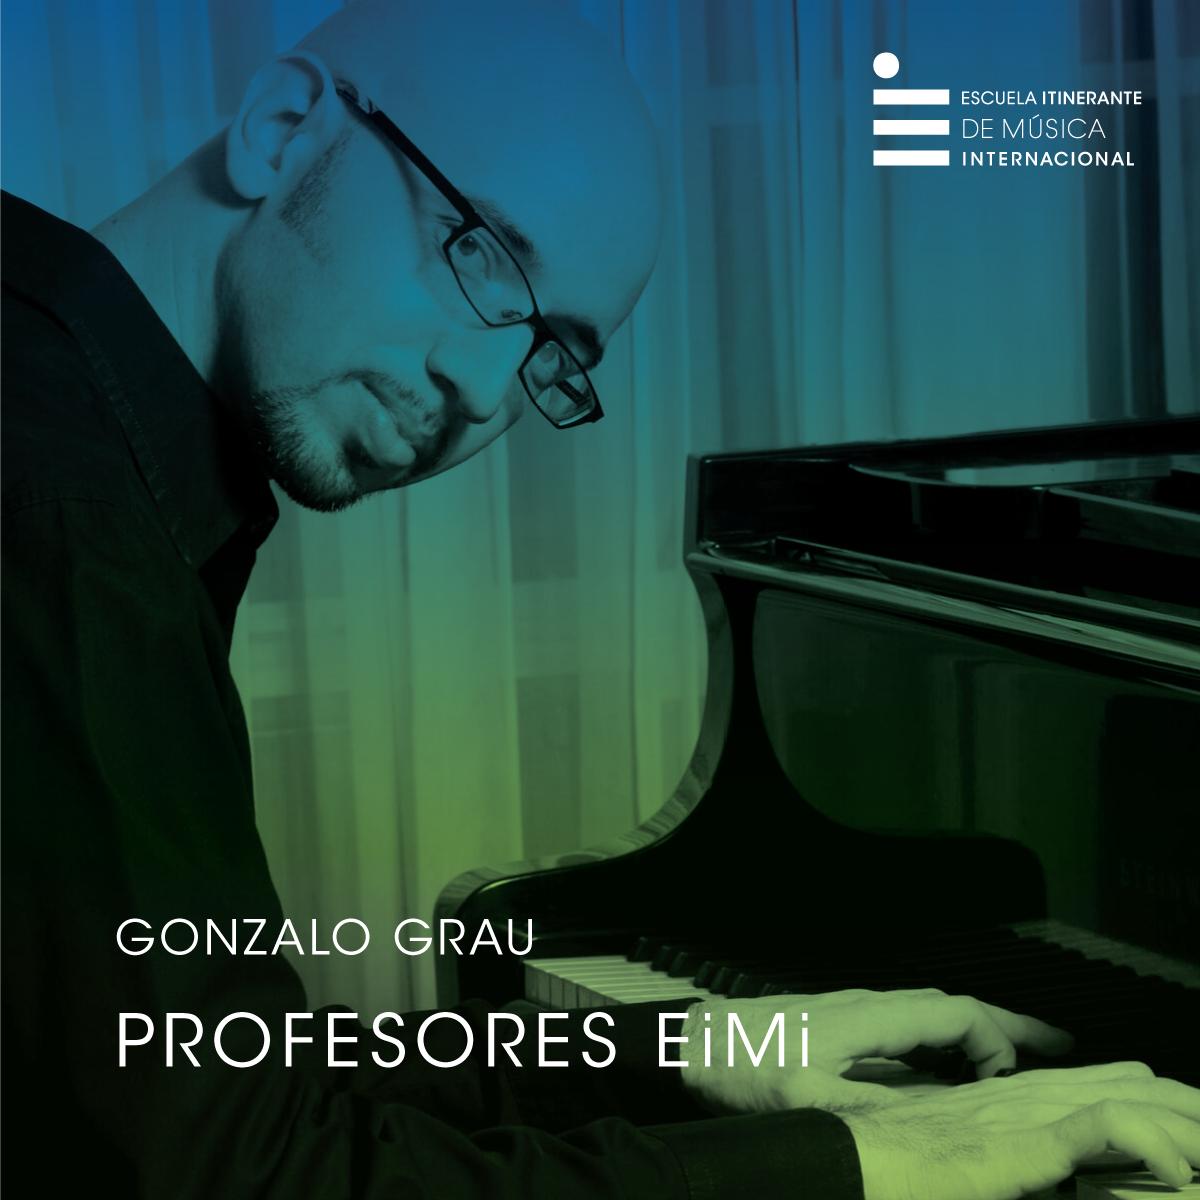 Gonzálo Grau Profesor de Piano y composición Escuela Itinerante de Música Internacional